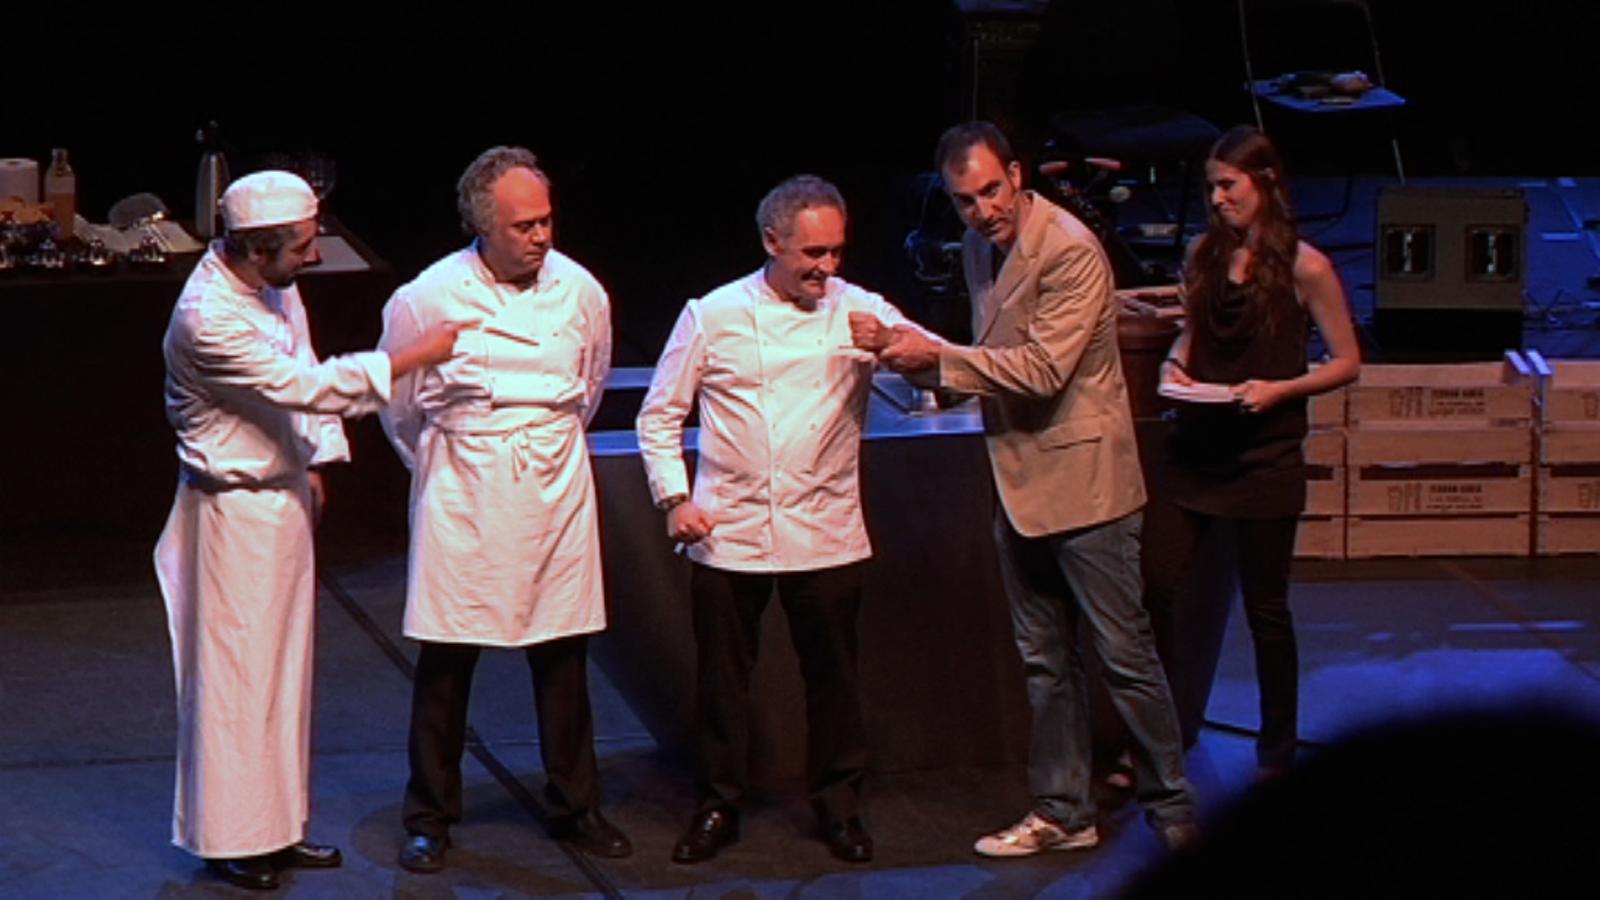 Ferran Adrià, Carme Ruscalleda, els Roca...: cuiners que són una 'Fàbrica de menjar solidari'